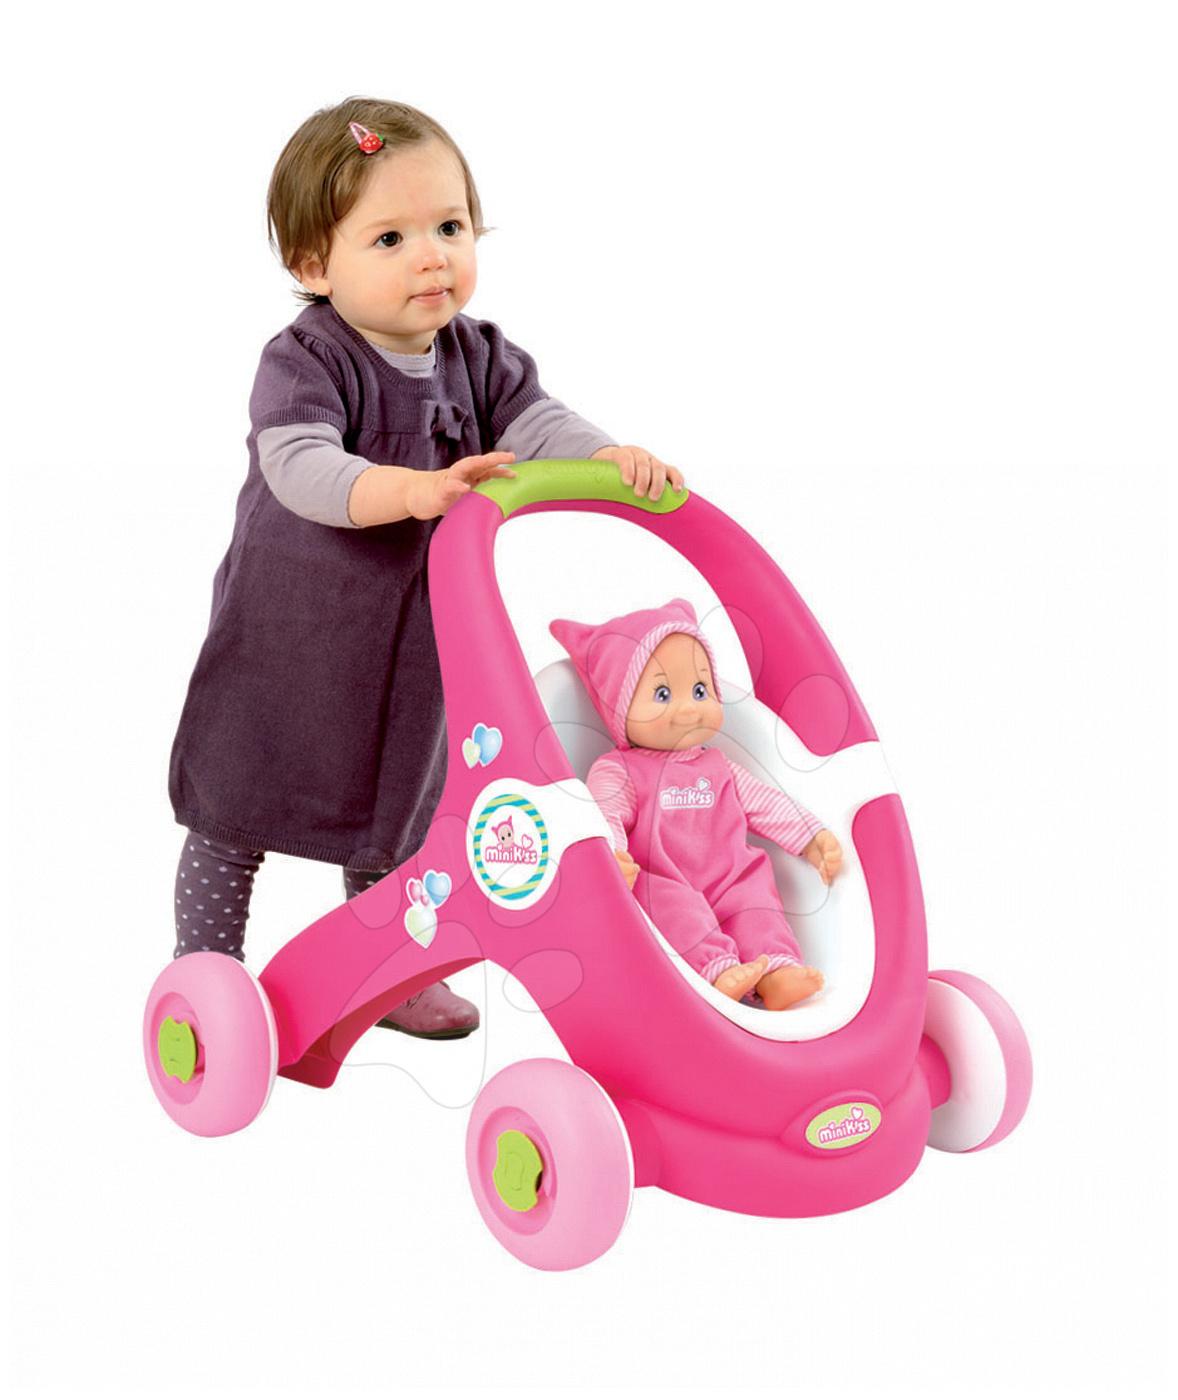 Kočárky pro panenky od 12 měsíců - Chodítko a kočárek pro panenku 2v1 MiniKiss Smoby růžové s brzdou od 12 měsíců